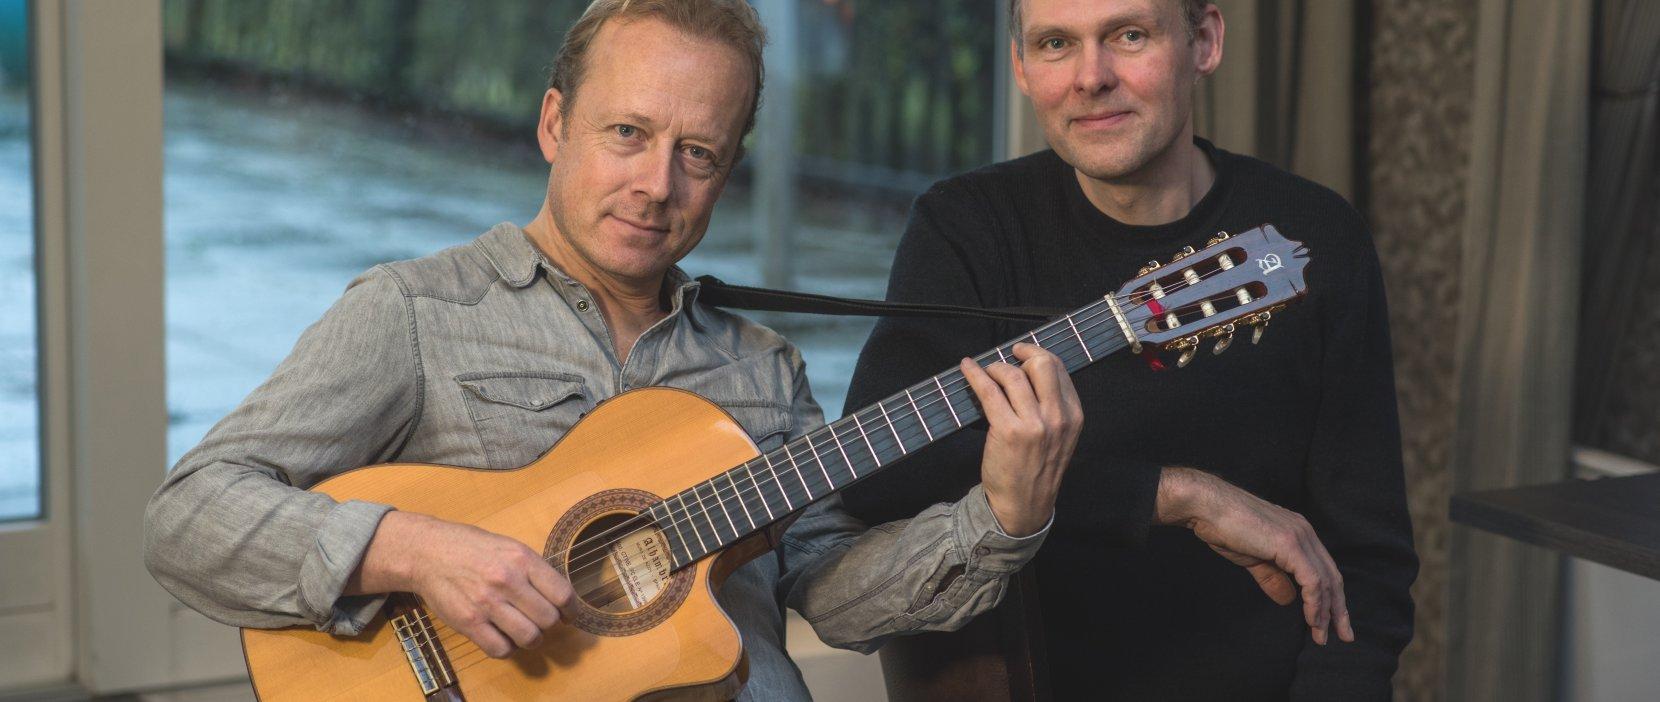 Foto af undervisere i guitar